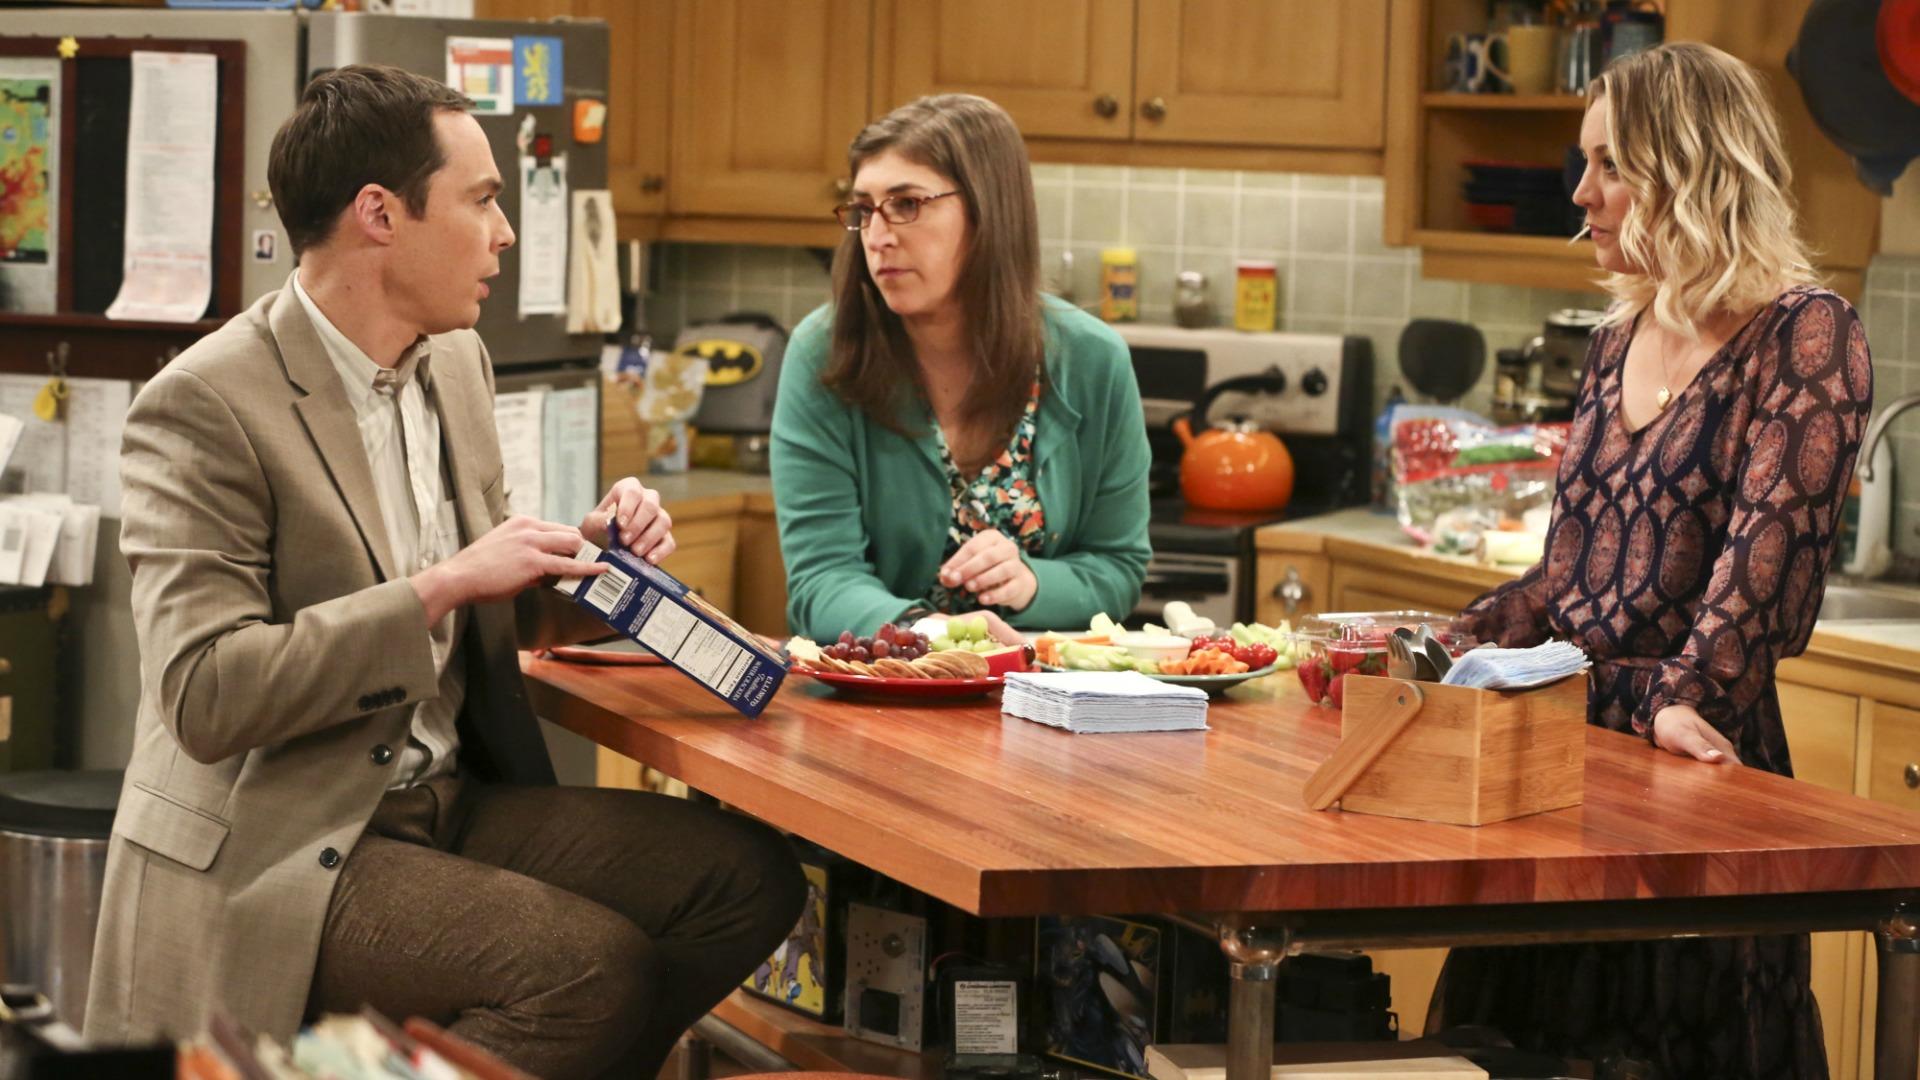 Sheldon helps prepare the pre-dinner spread.